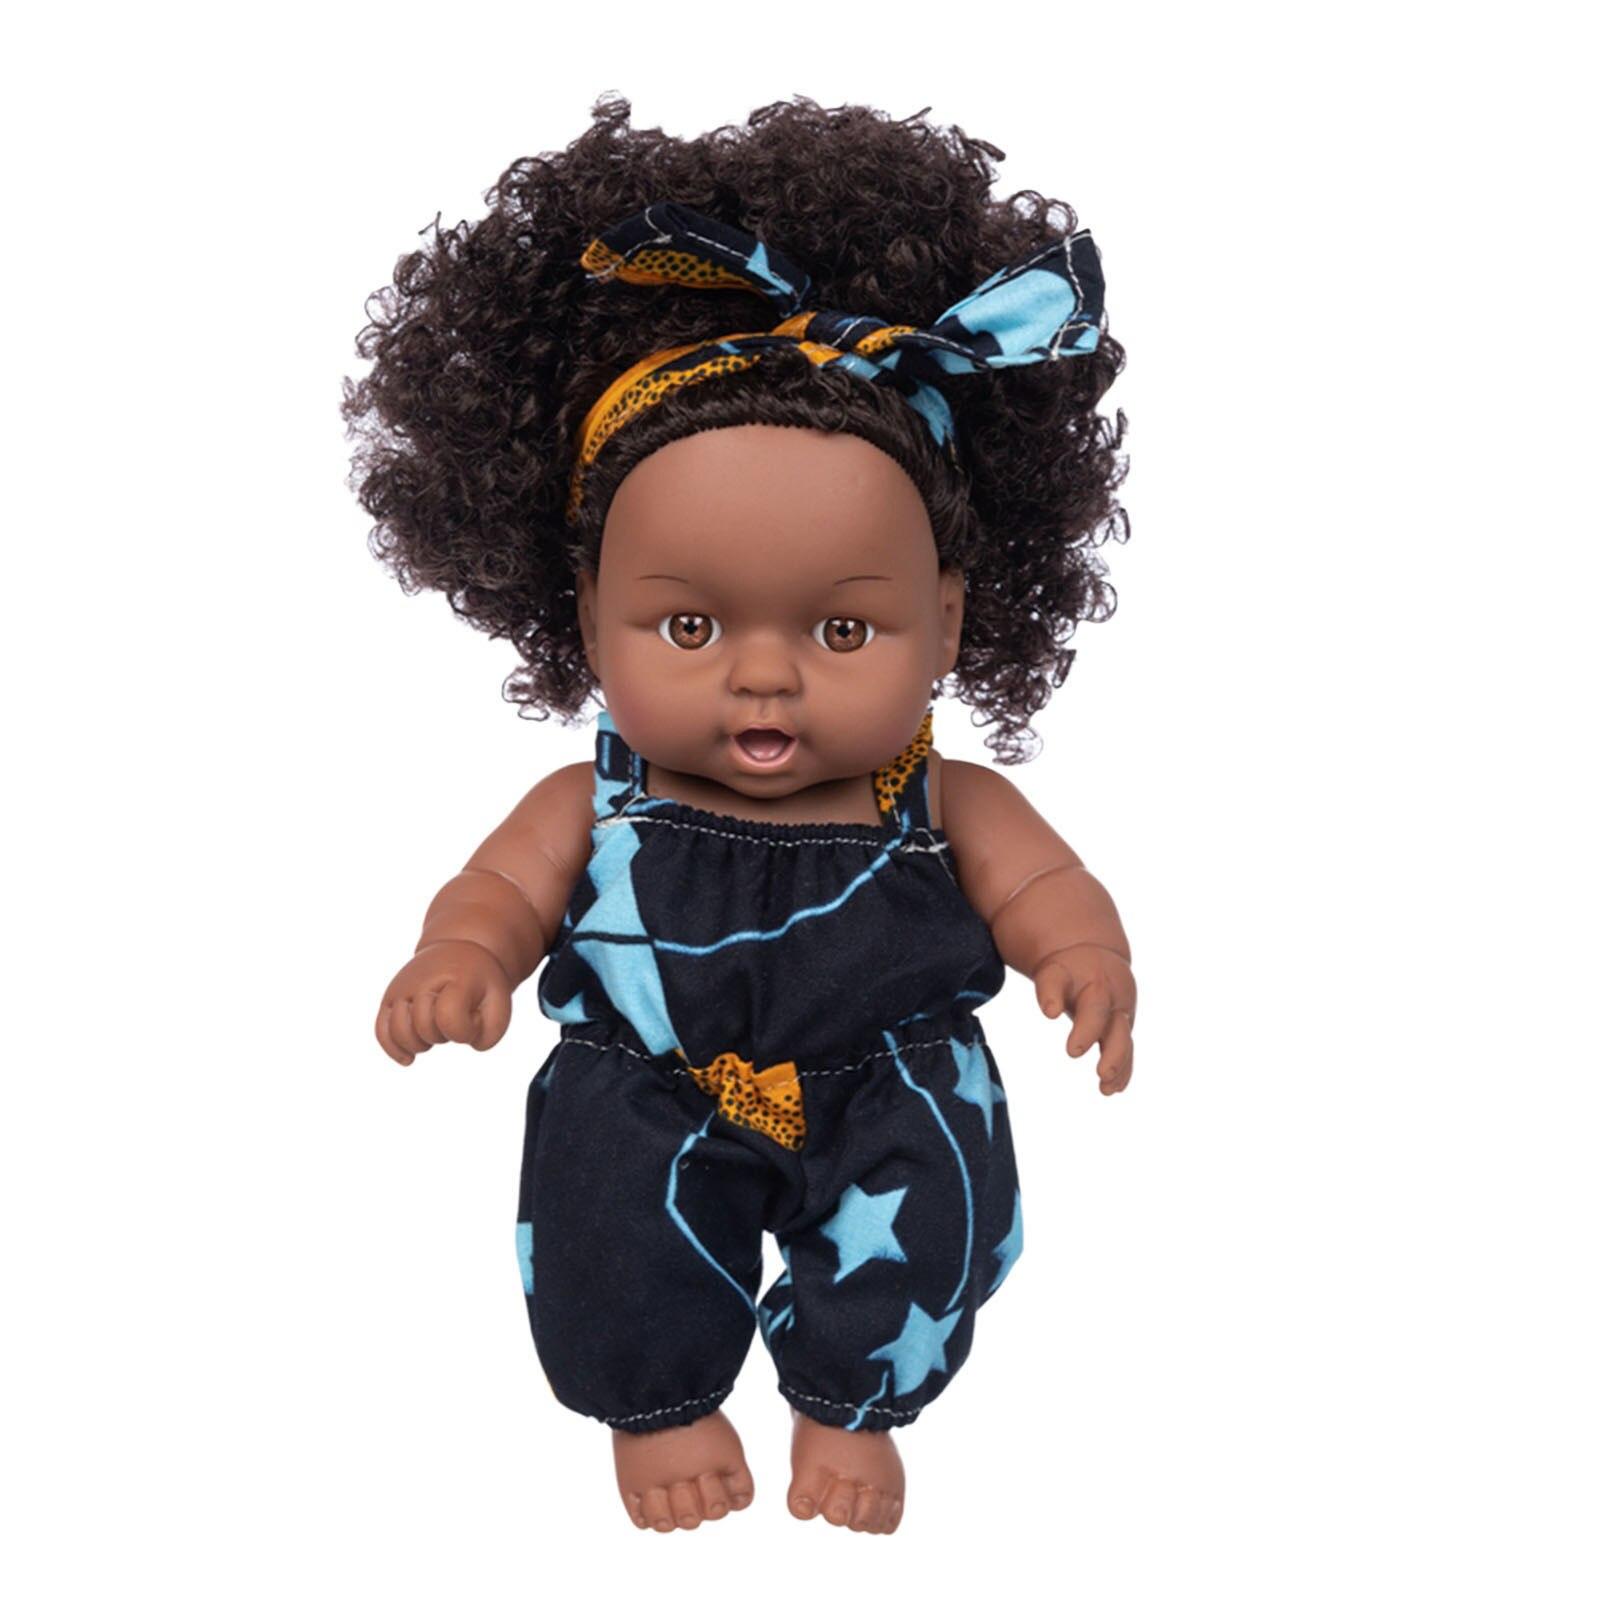 Realista lifelike bonecas crianças diversão festa de natal brinquedos presentes 25cm preto africano bonecas bonito encaracolado cabelo boneca bebê jogar macio renascer